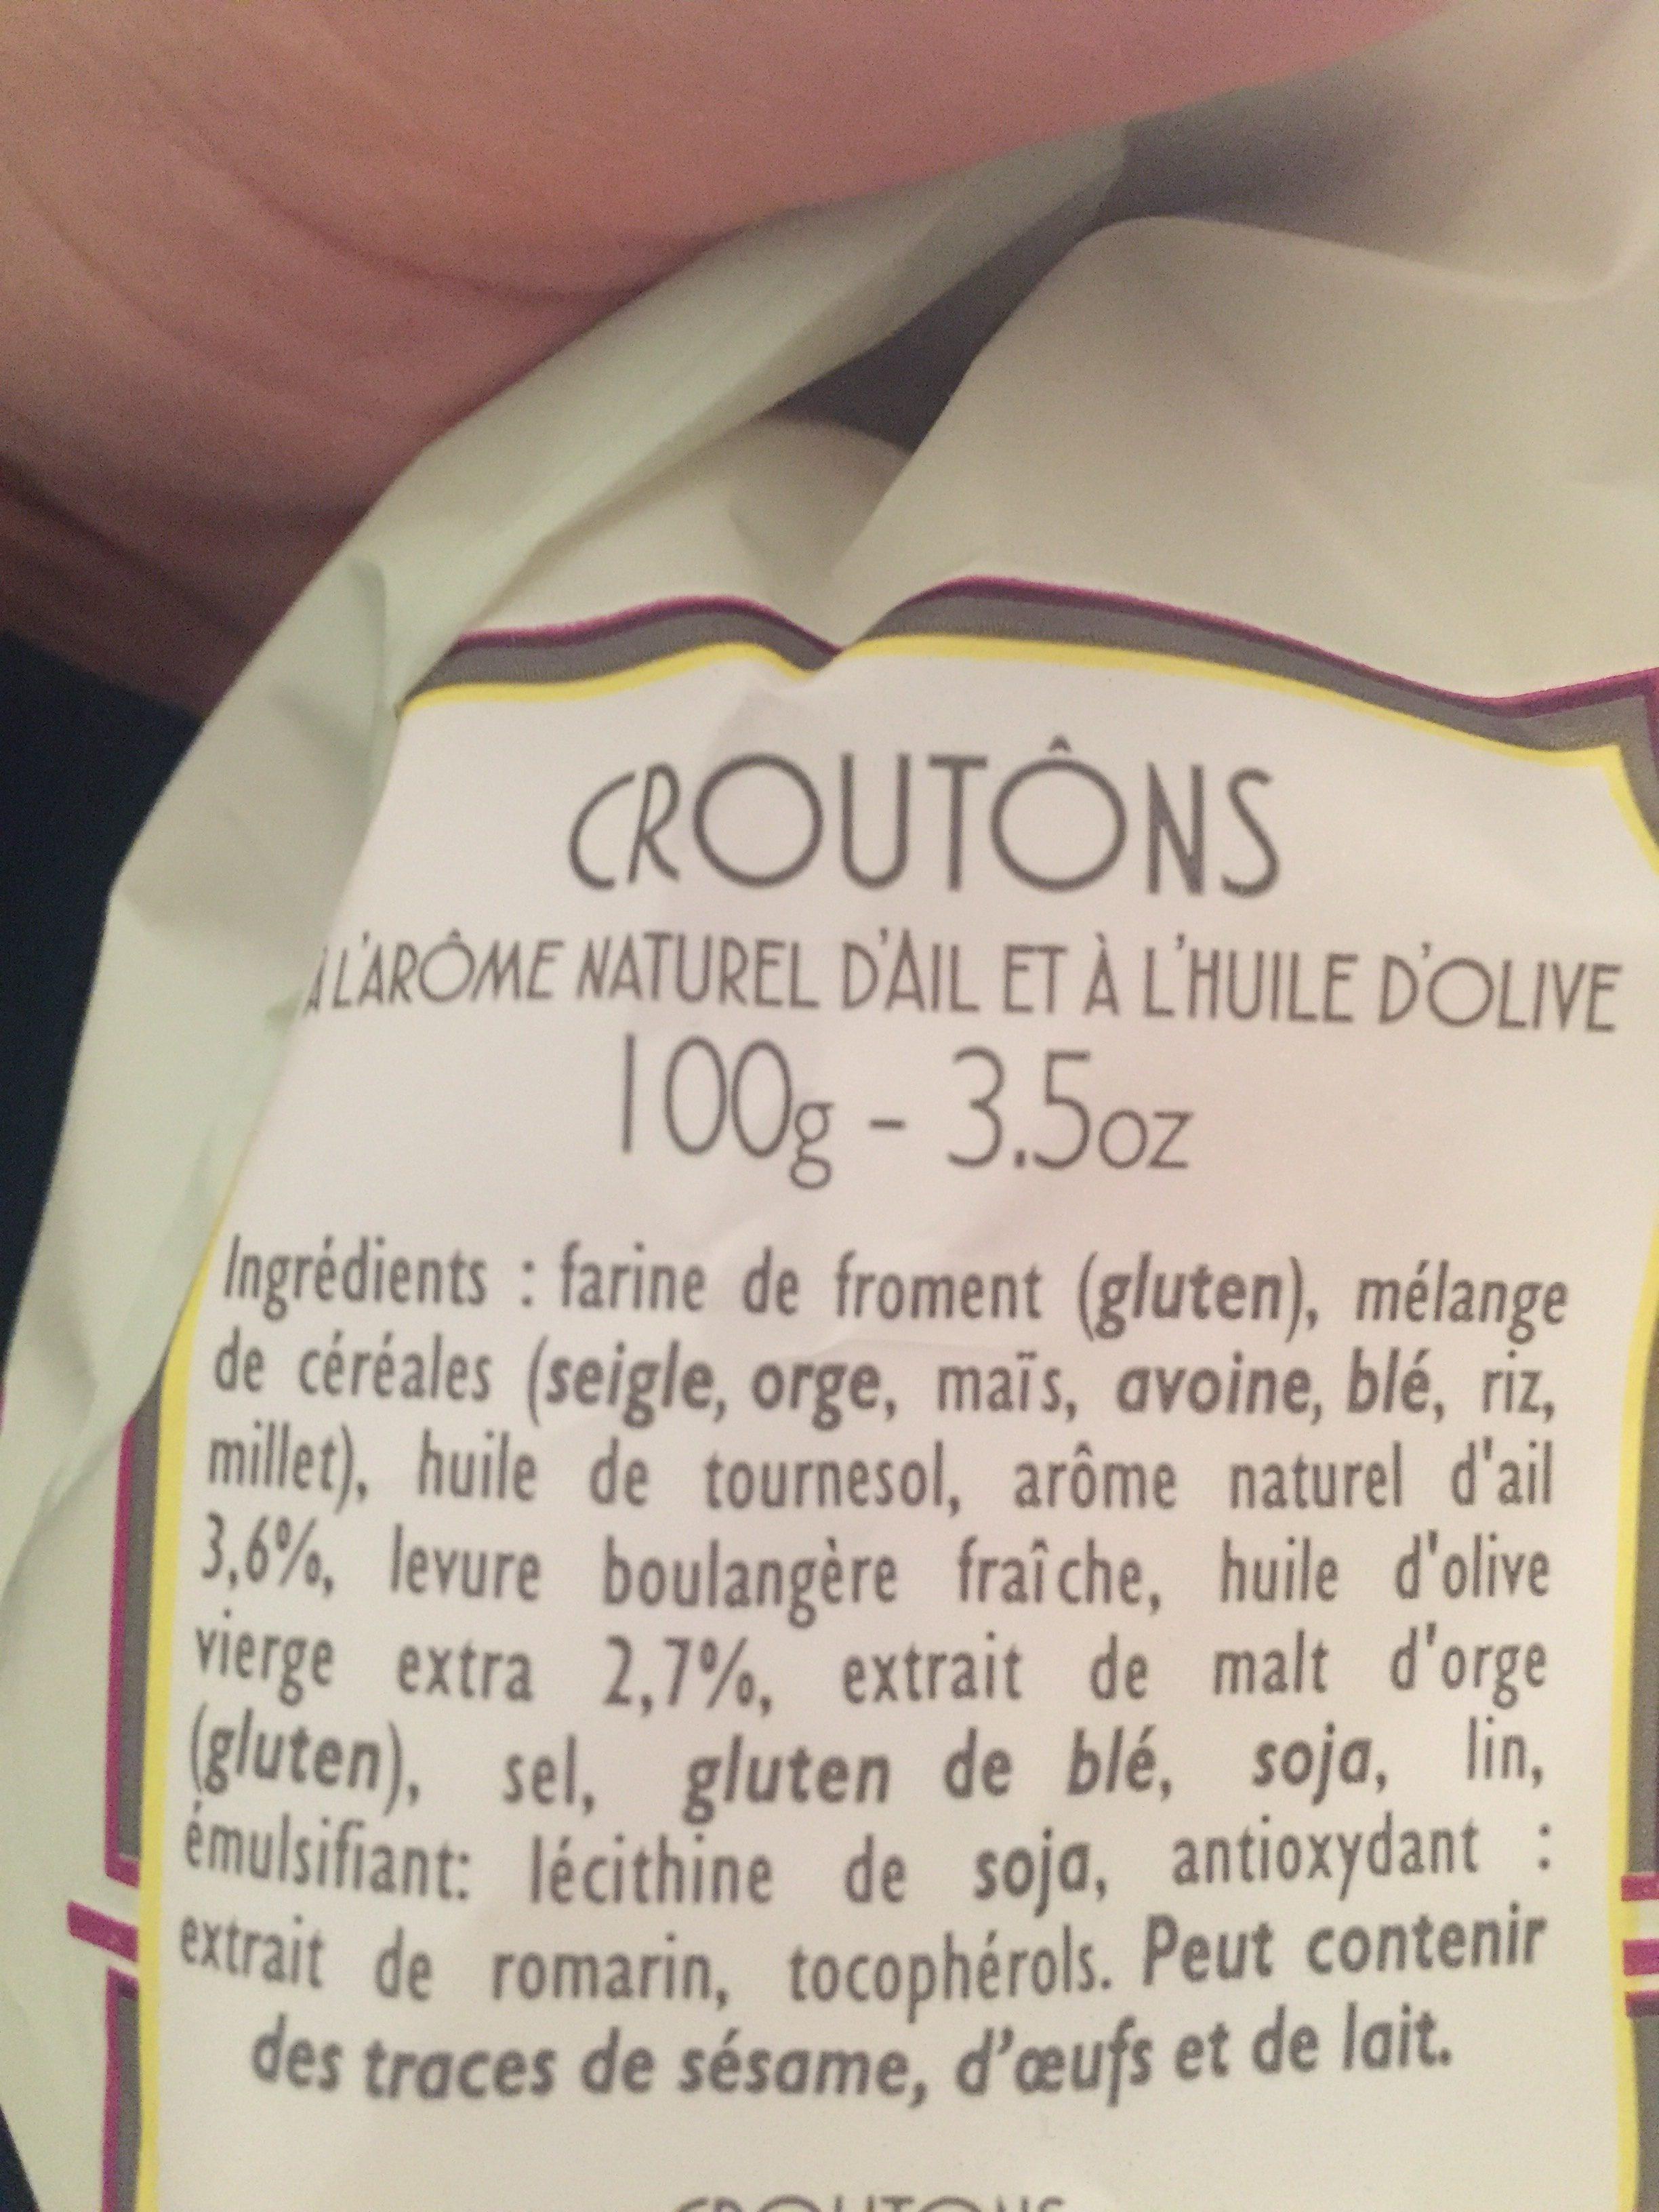 Croûtons à l'Huile d'Olive parfumés à l'Ail - Ingrédients - fr